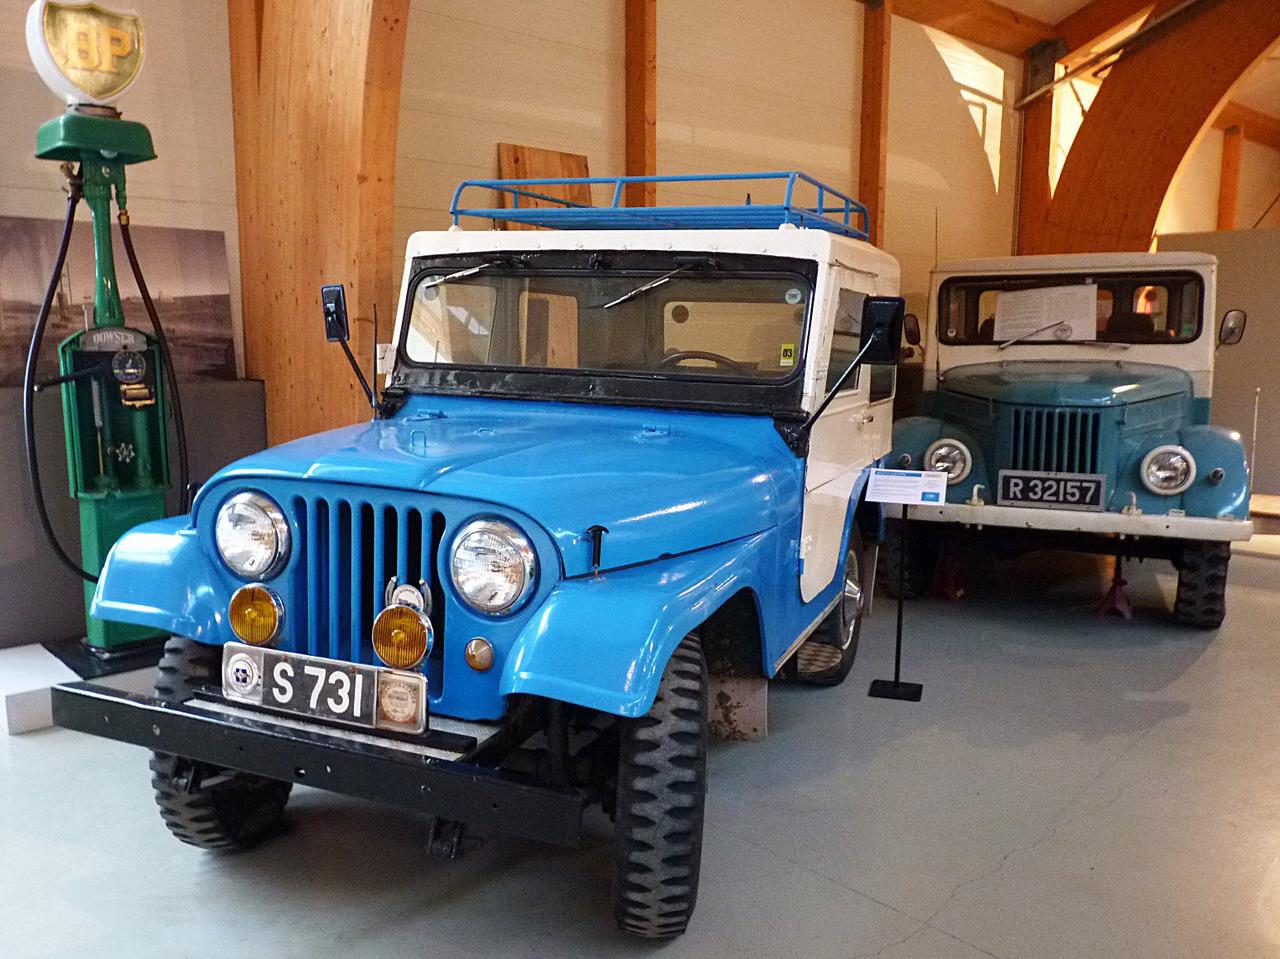 Jeep és GAZ 69: hosszú időn át ezek a terepjárók bizonyultak a legjobb társnak az út nélküli belső vidékek felfedezéséhez. A standard ponyva helyett mindkettőre a szélsőséges időjárást jobban elviselő, nagyobb komfortot és biztonságot nyújtó fémlemezből készítettek zárt kabint